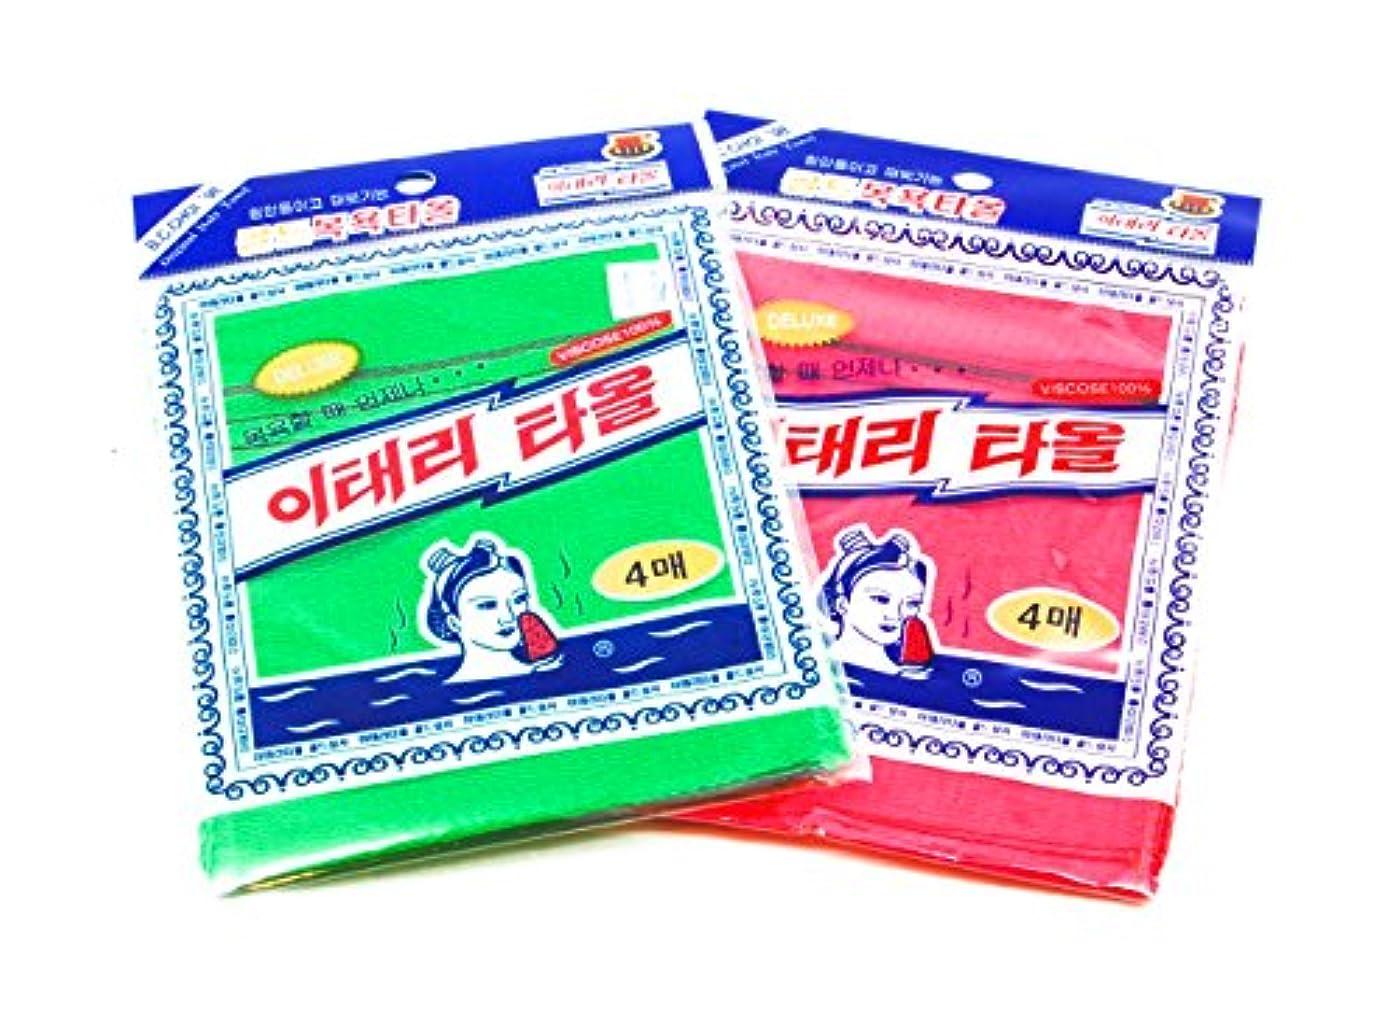 応用ぐるぐるウナギアカスリタオル (韓国式あかすりタオル) 8枚セット